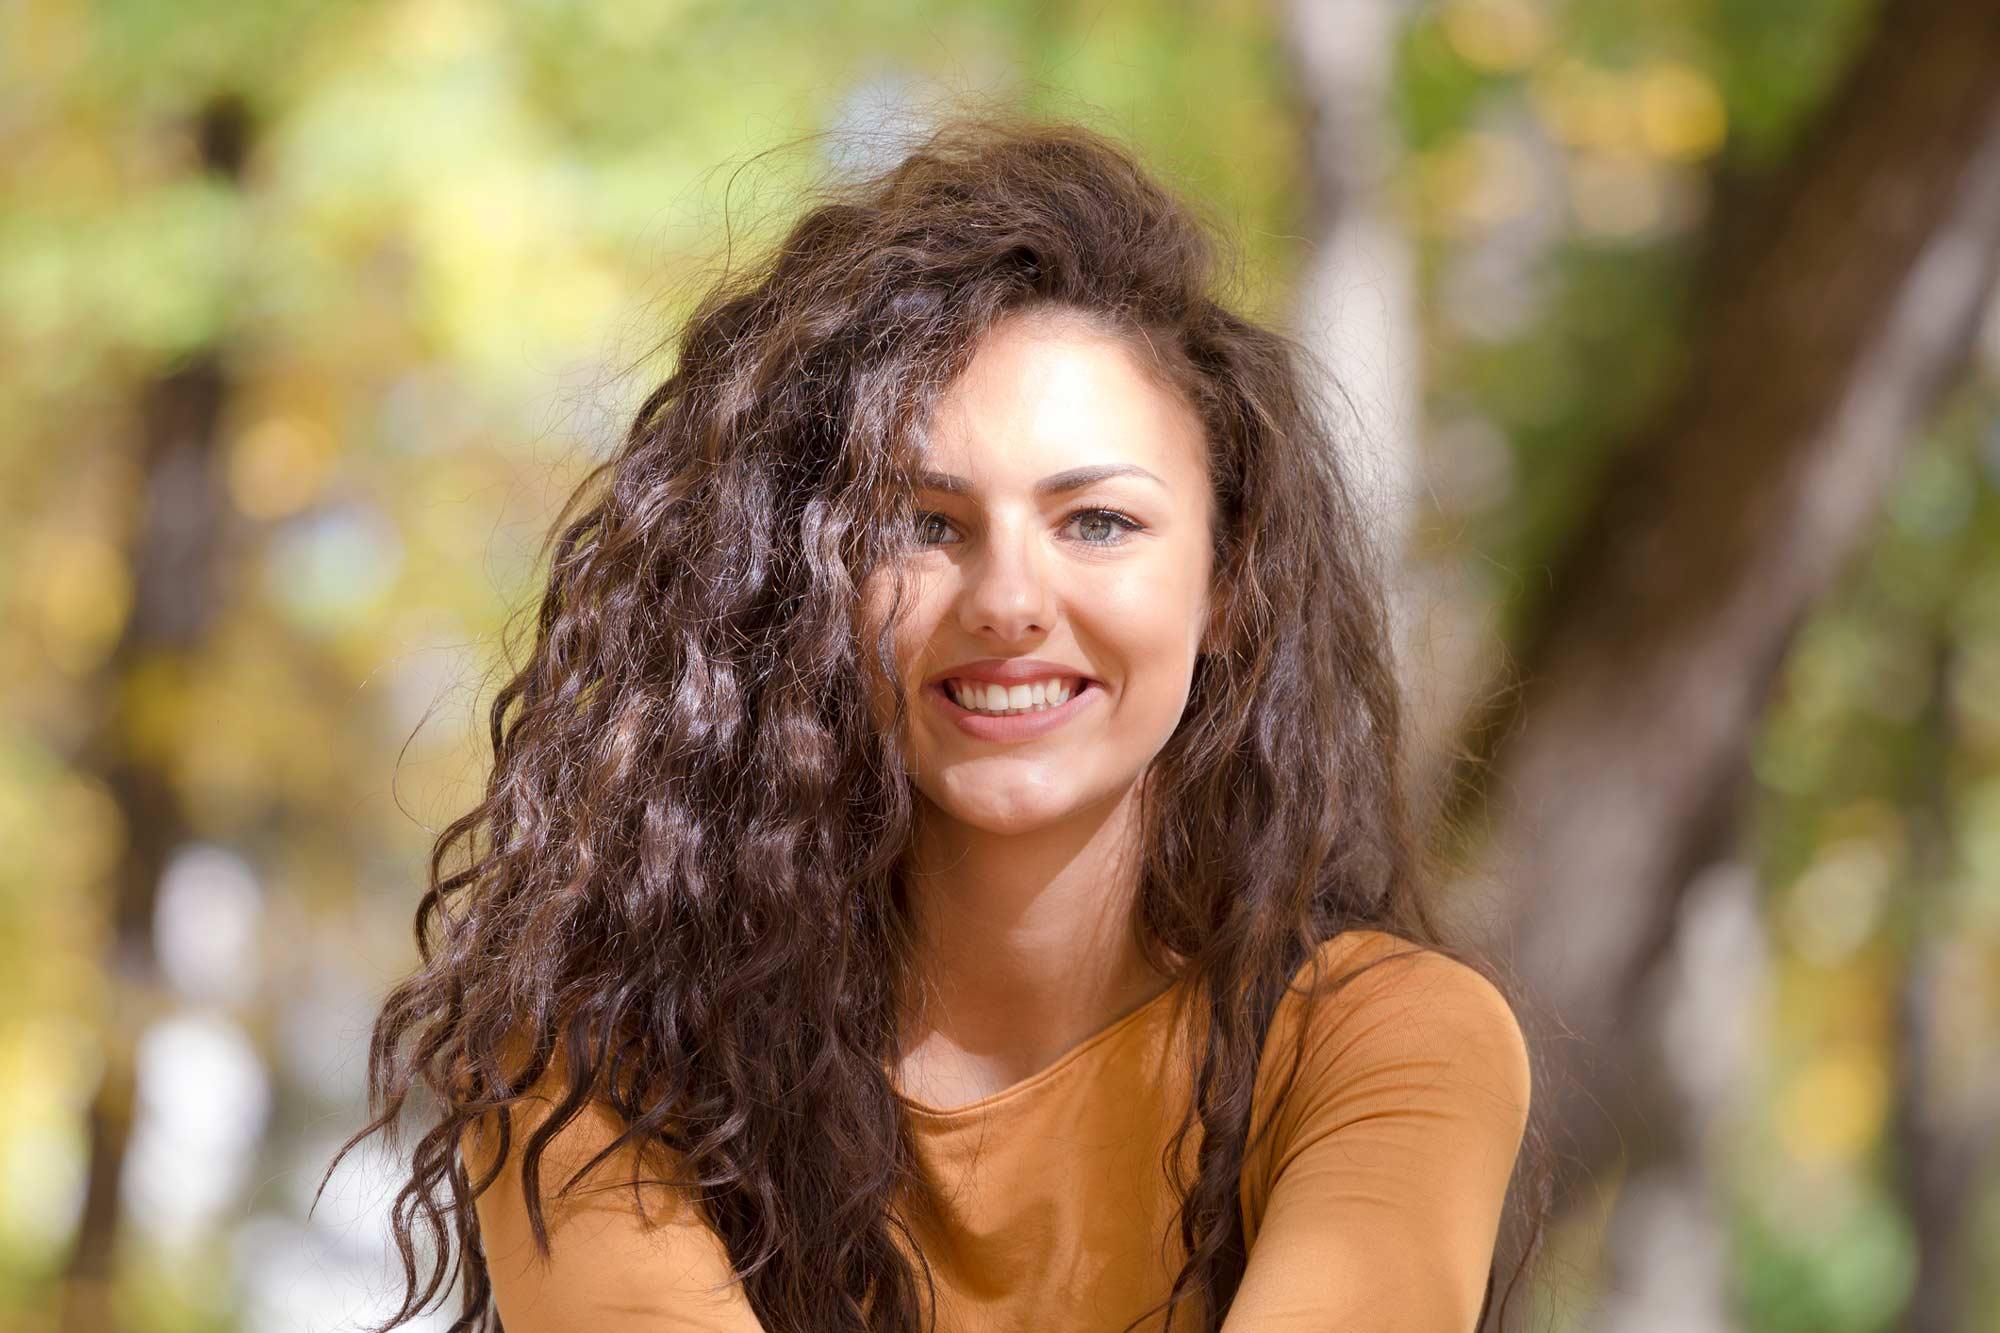 modelo com cabelo cacheado sorrindo: secar cabelo cacheado com ventilador